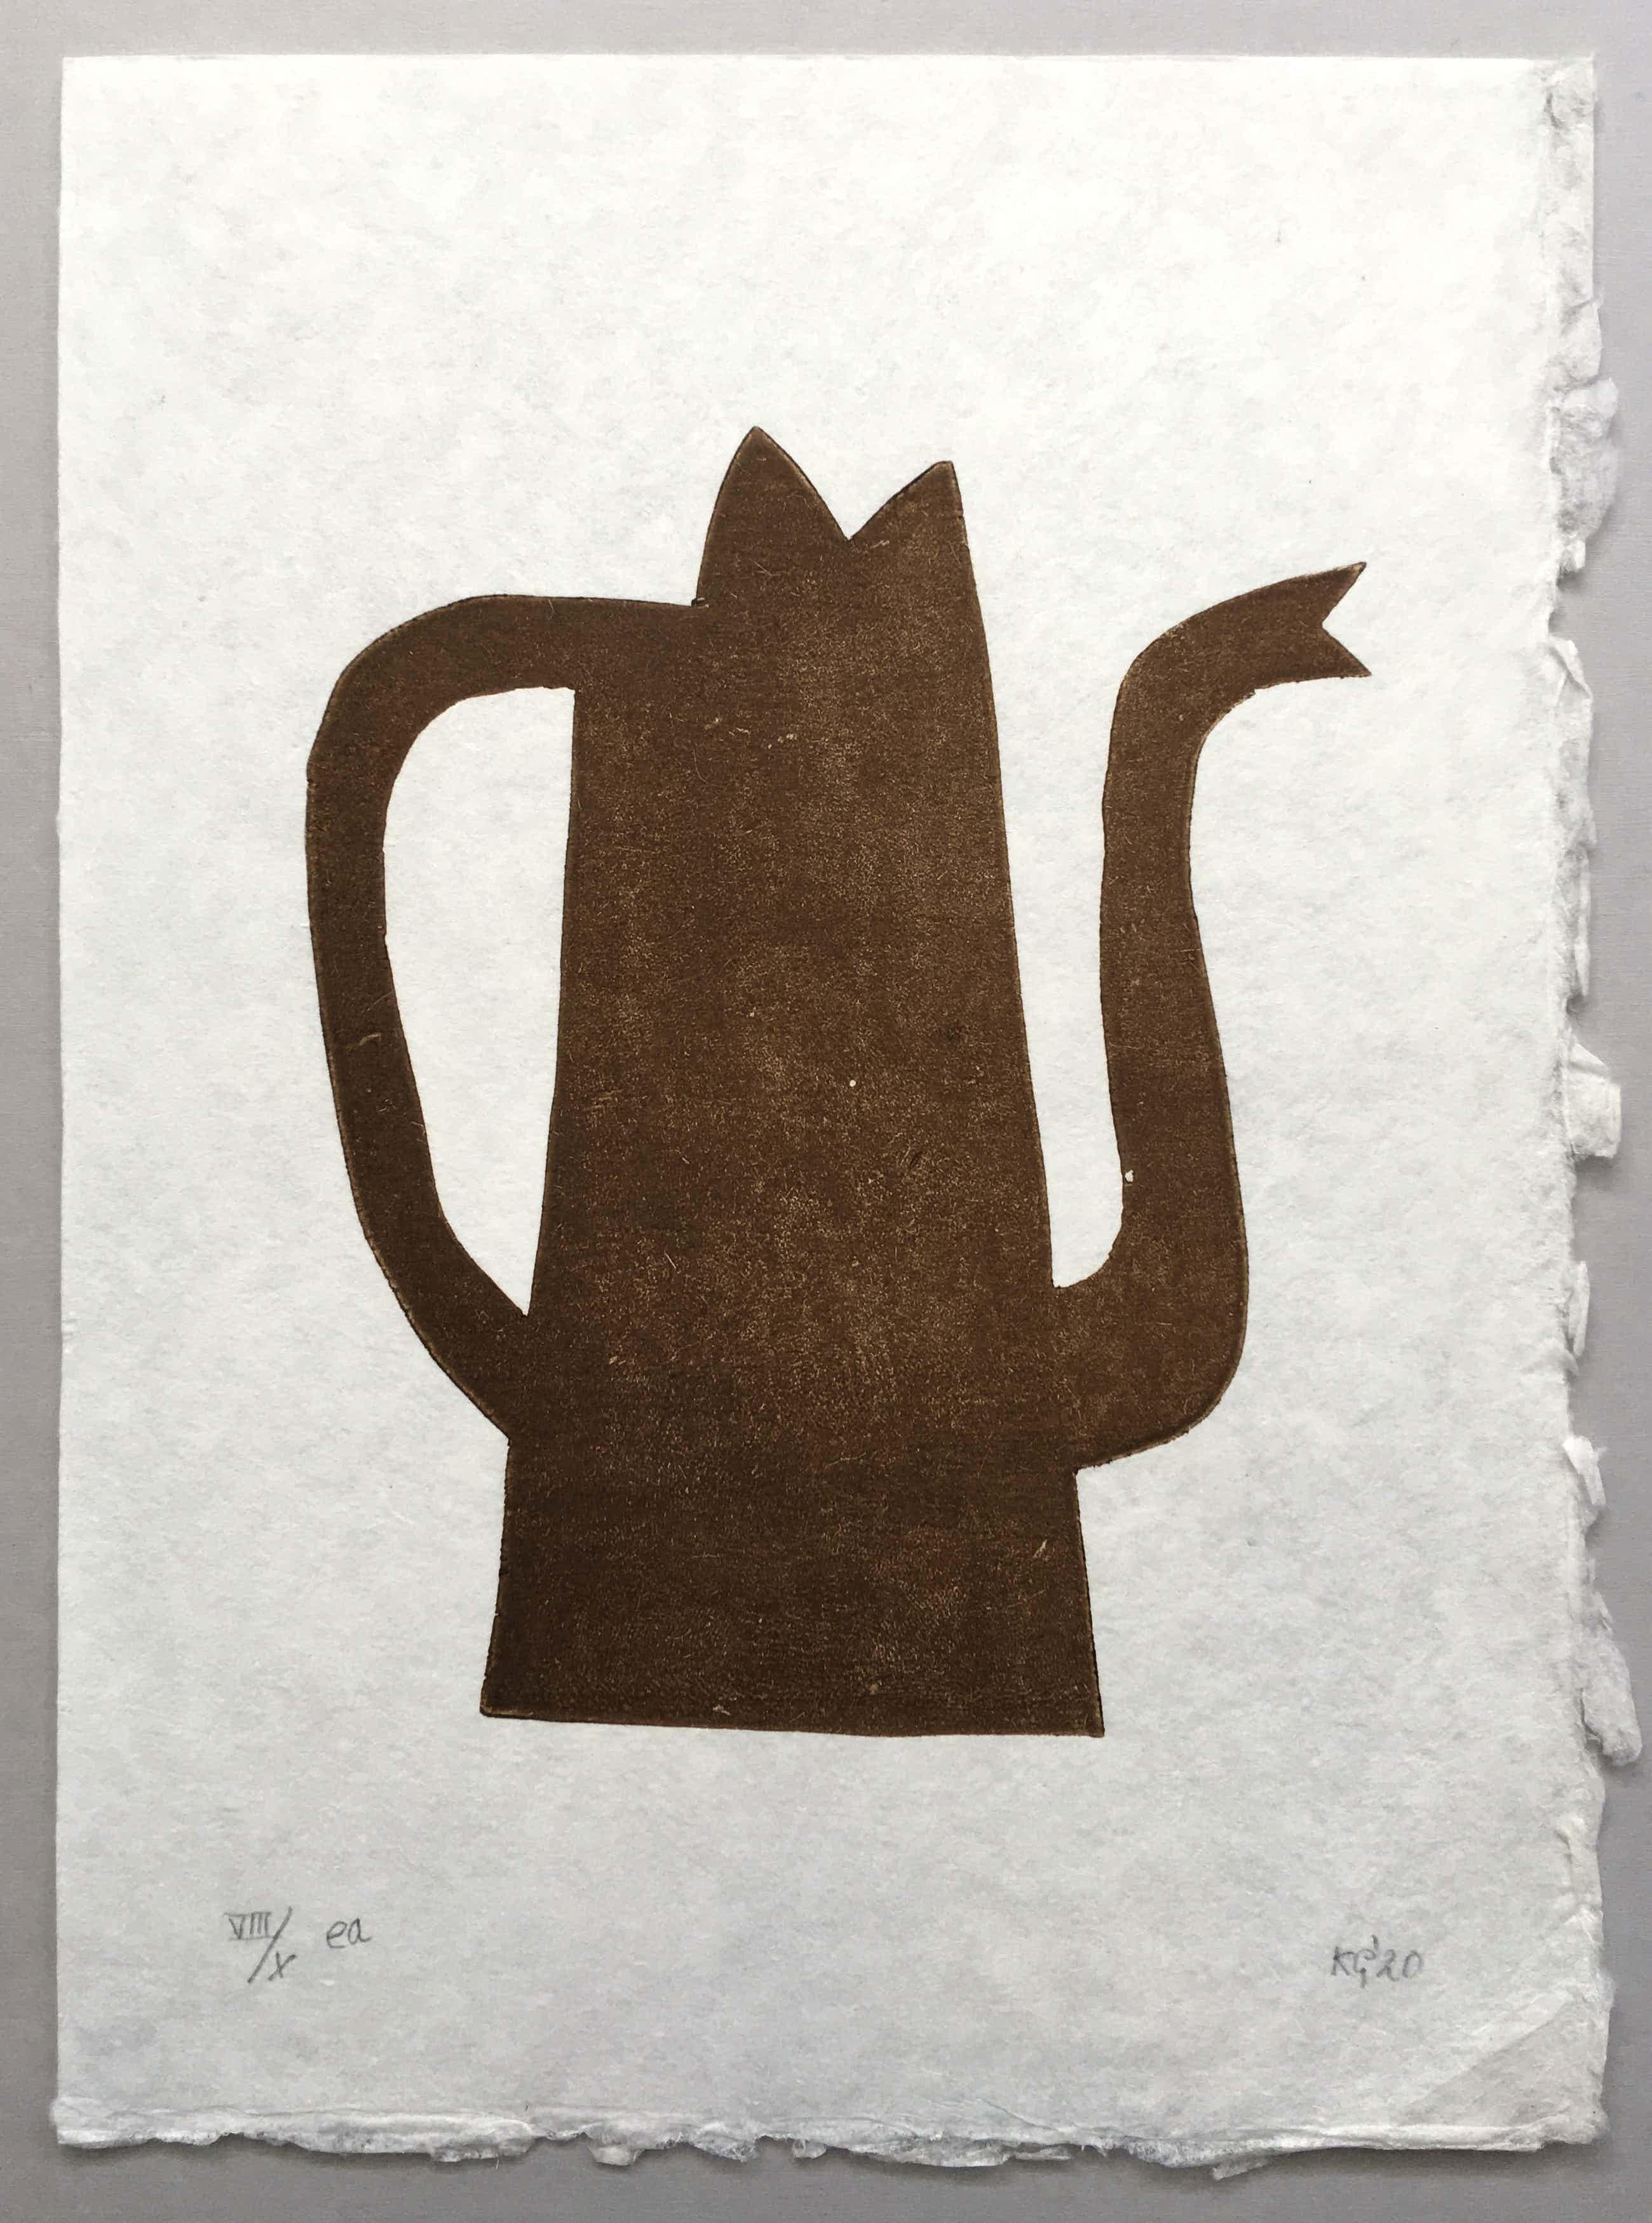 Klaas Gubbels - houtdruk op geschept papier - 'Napels' - 2020 kopen? Bied vanaf 275!